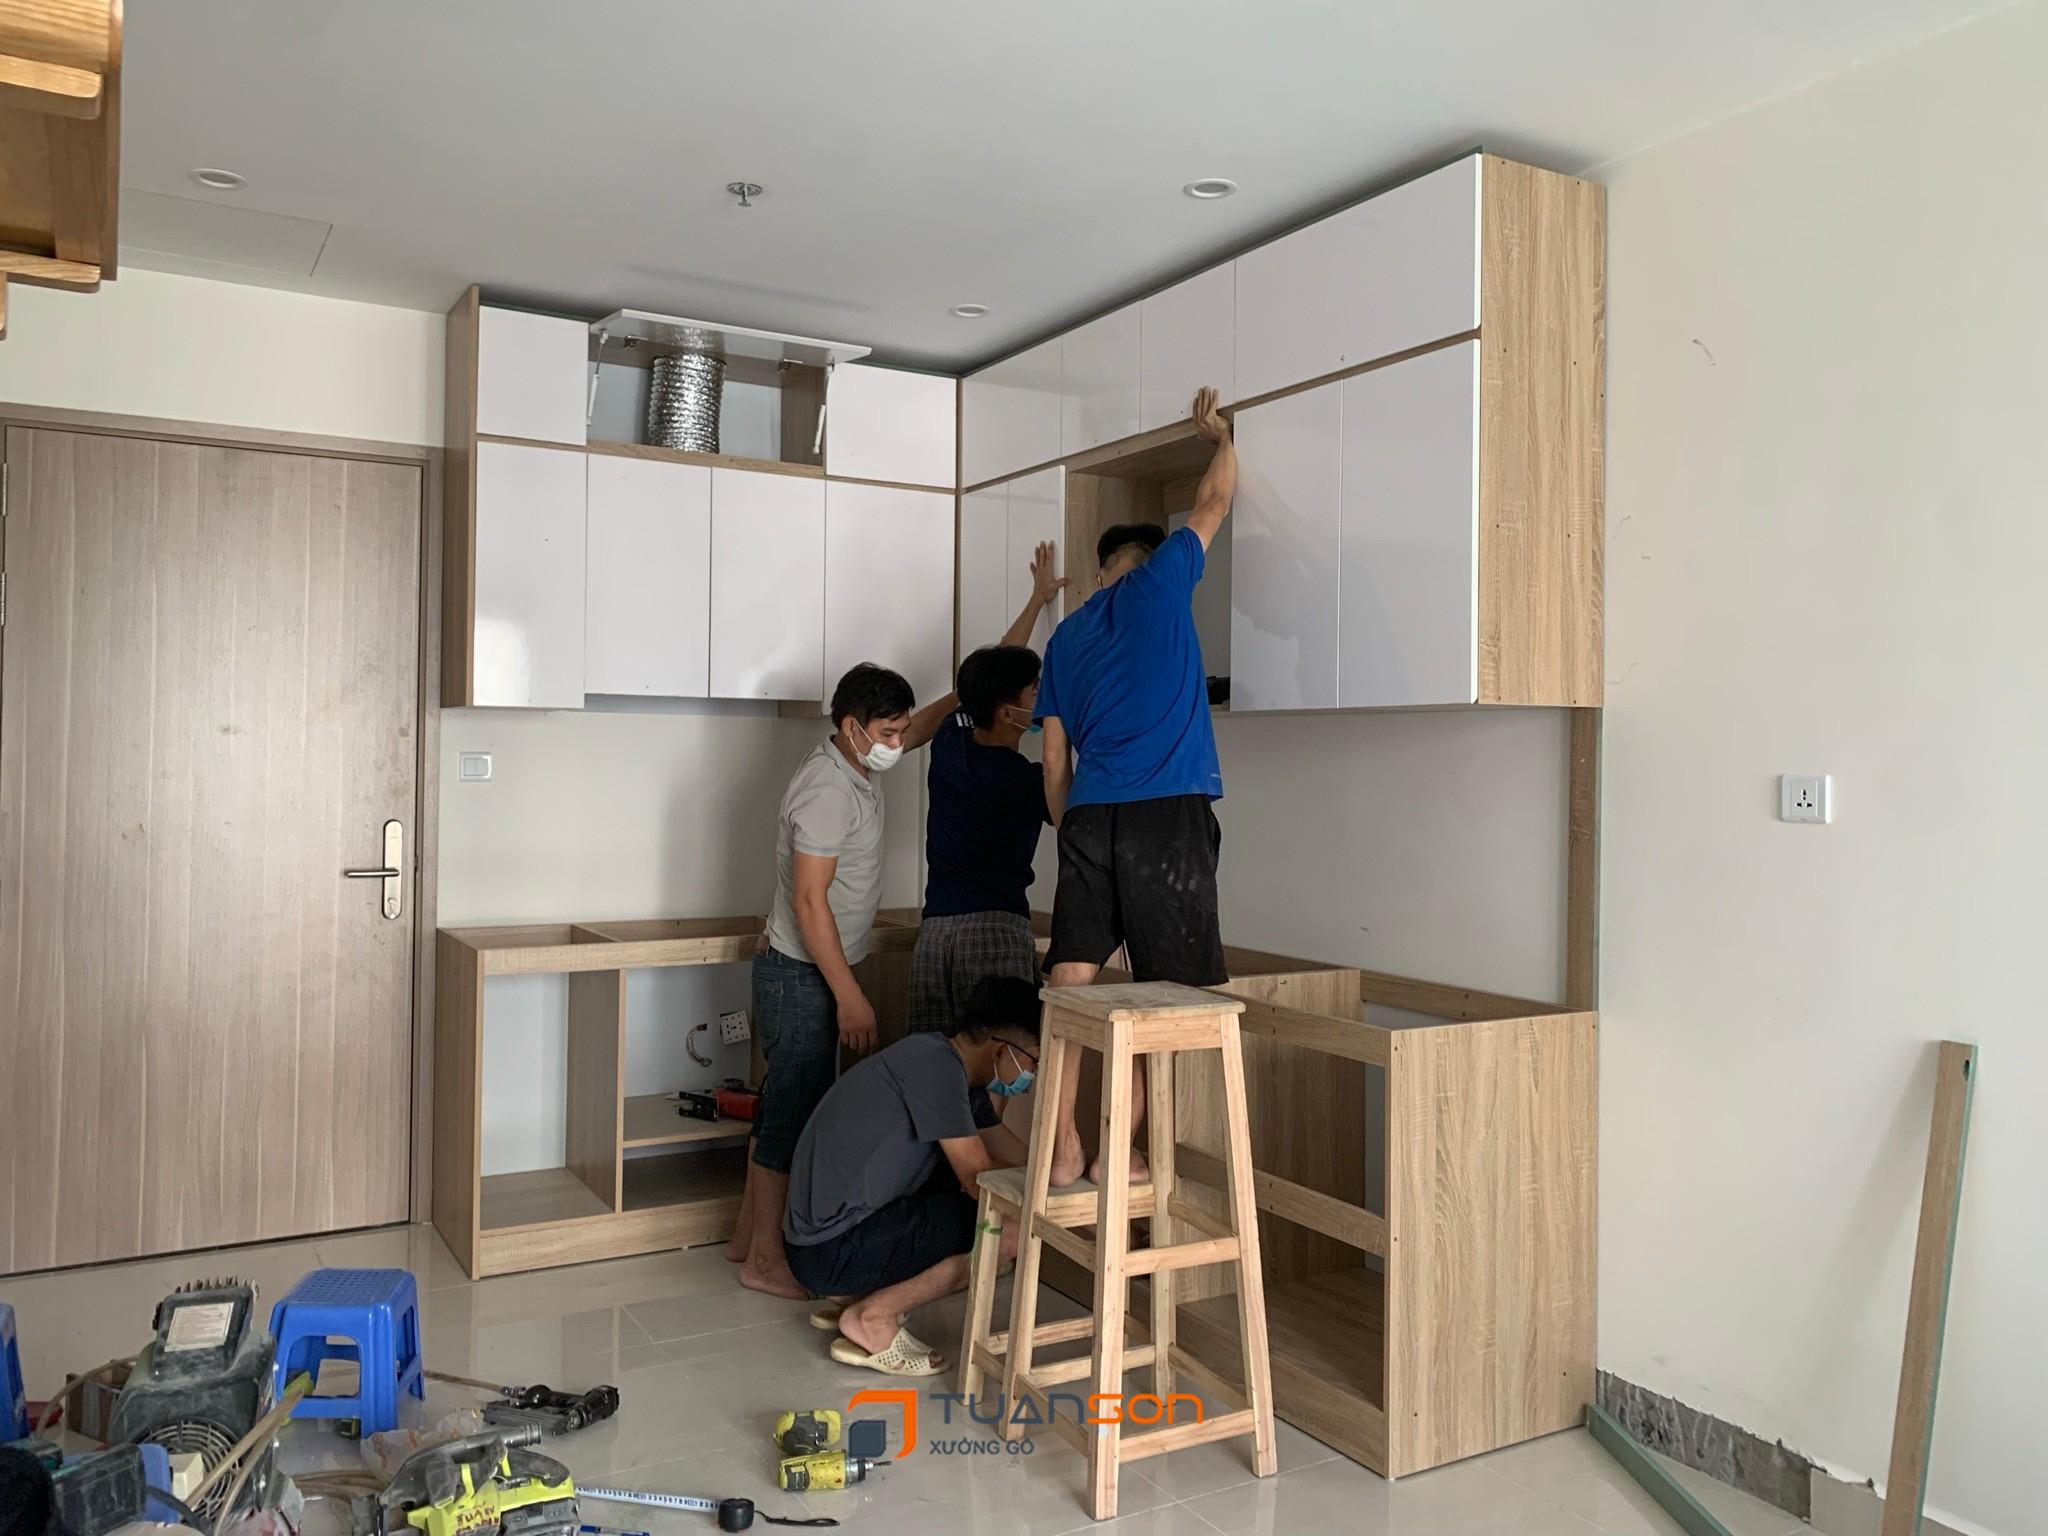 Hình ảnh thực tế thi công nội thất công trình 3PN S1.05-16 Vinhomes Ocean Park Gia Lâm